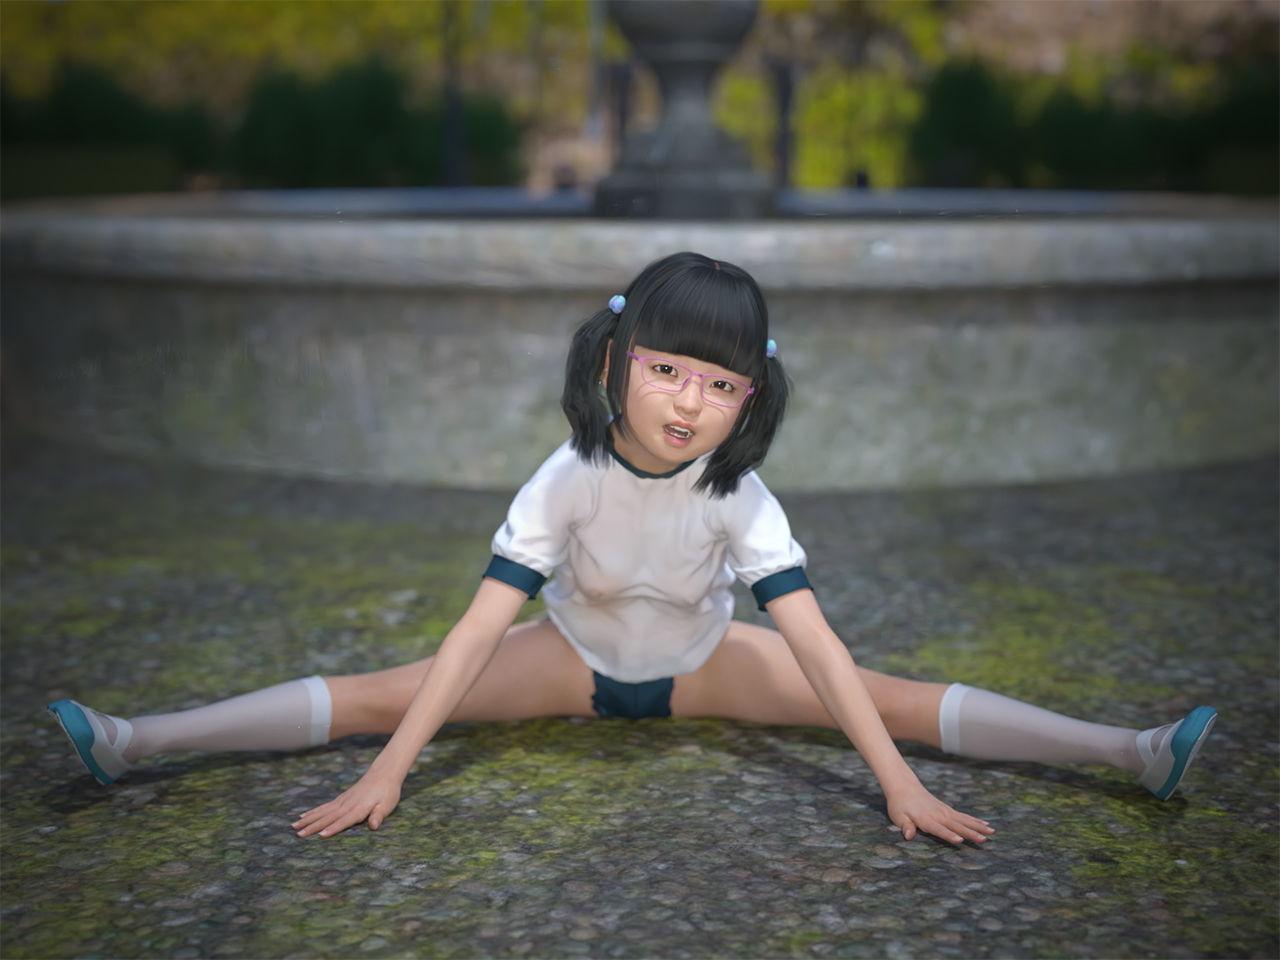 妄想直送 CG写真集 vol.9 体育少女遊戯 エロ画像